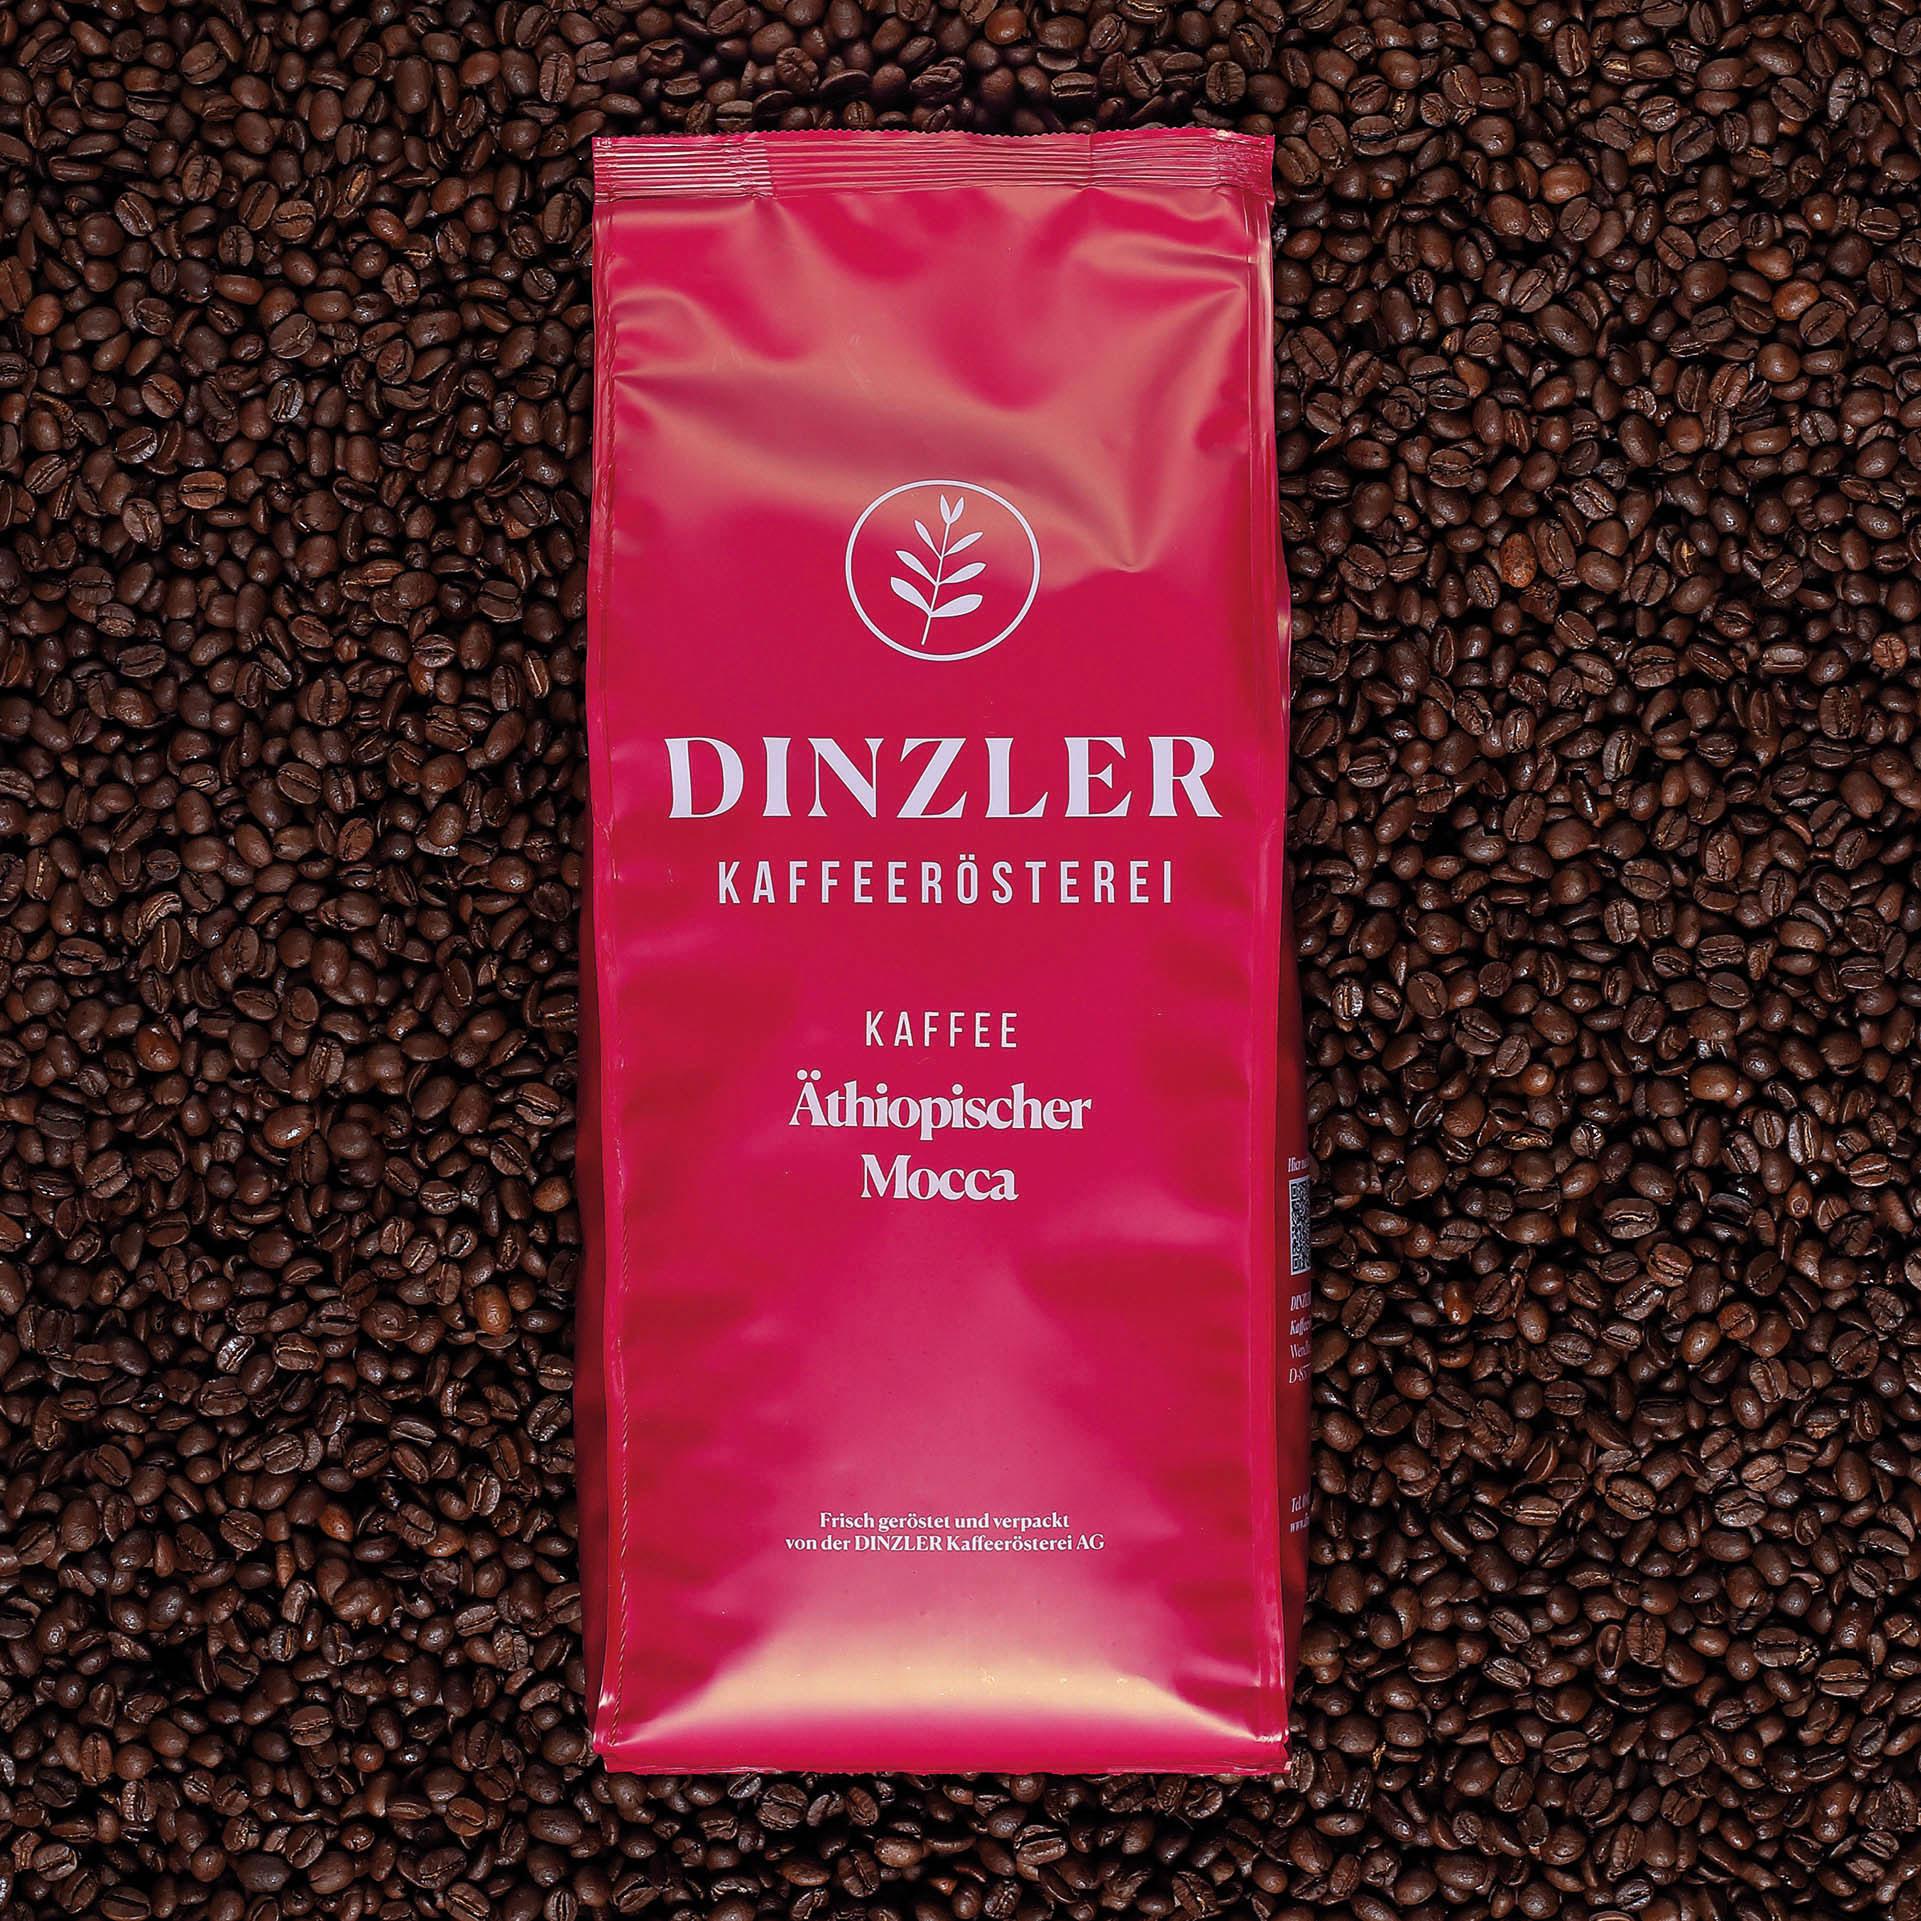 Kaffee Äthiopischer Mocca | DINZLER Shop